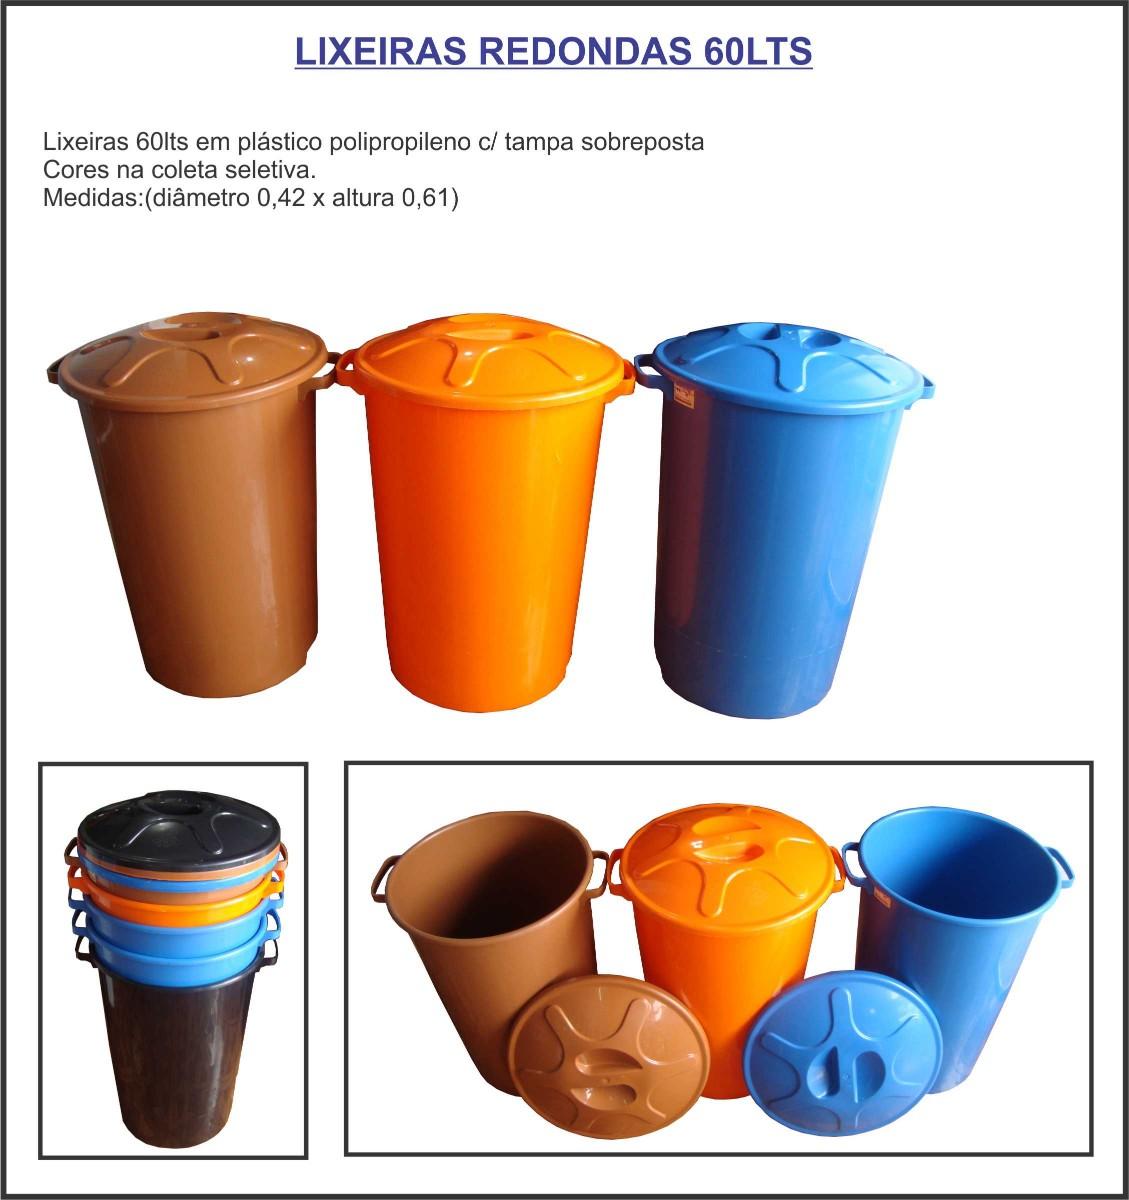 https://img.comunidades.net/lix/lixeirasparasolle/LIXEIRA_redonda_60LTS.jpg